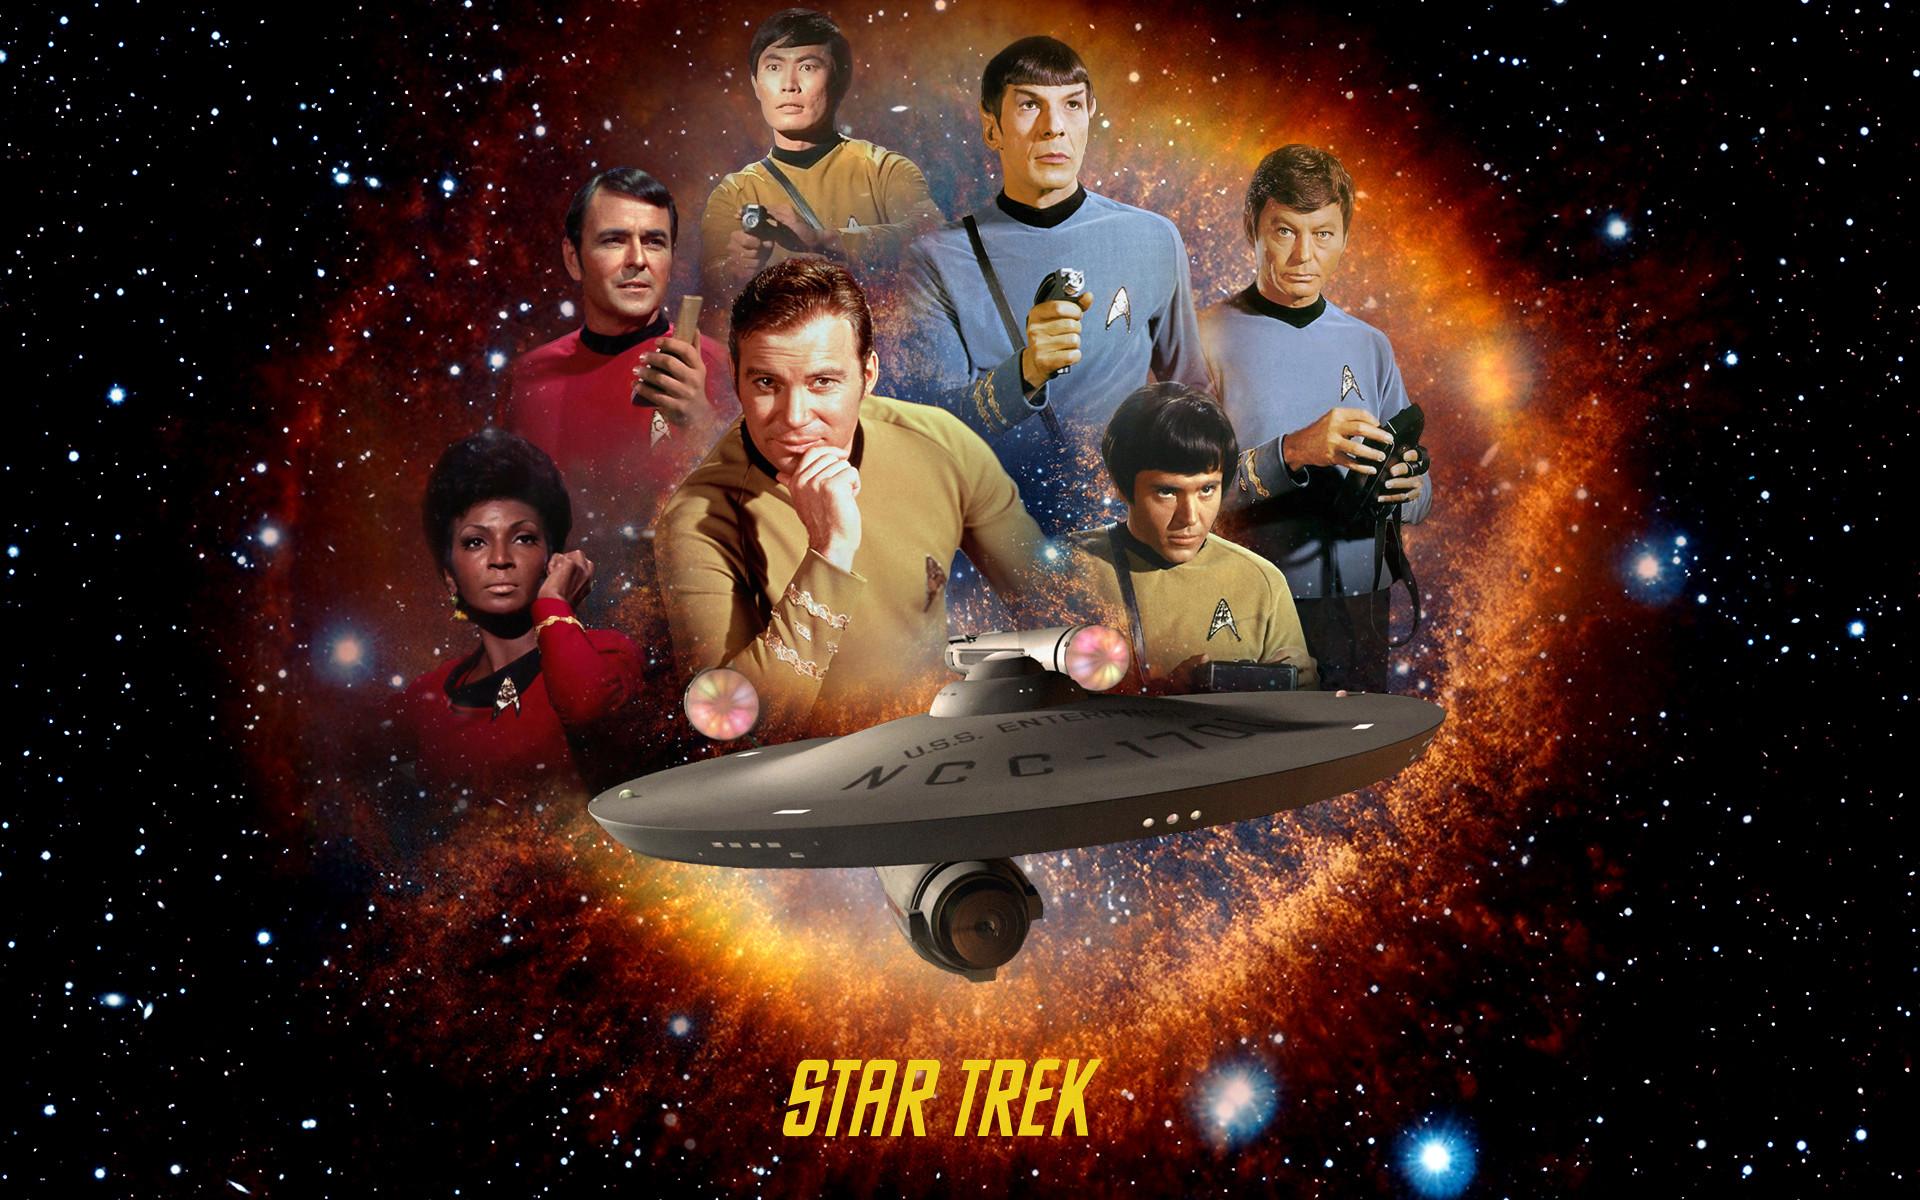 Star Trek The Original Series Wallpapers